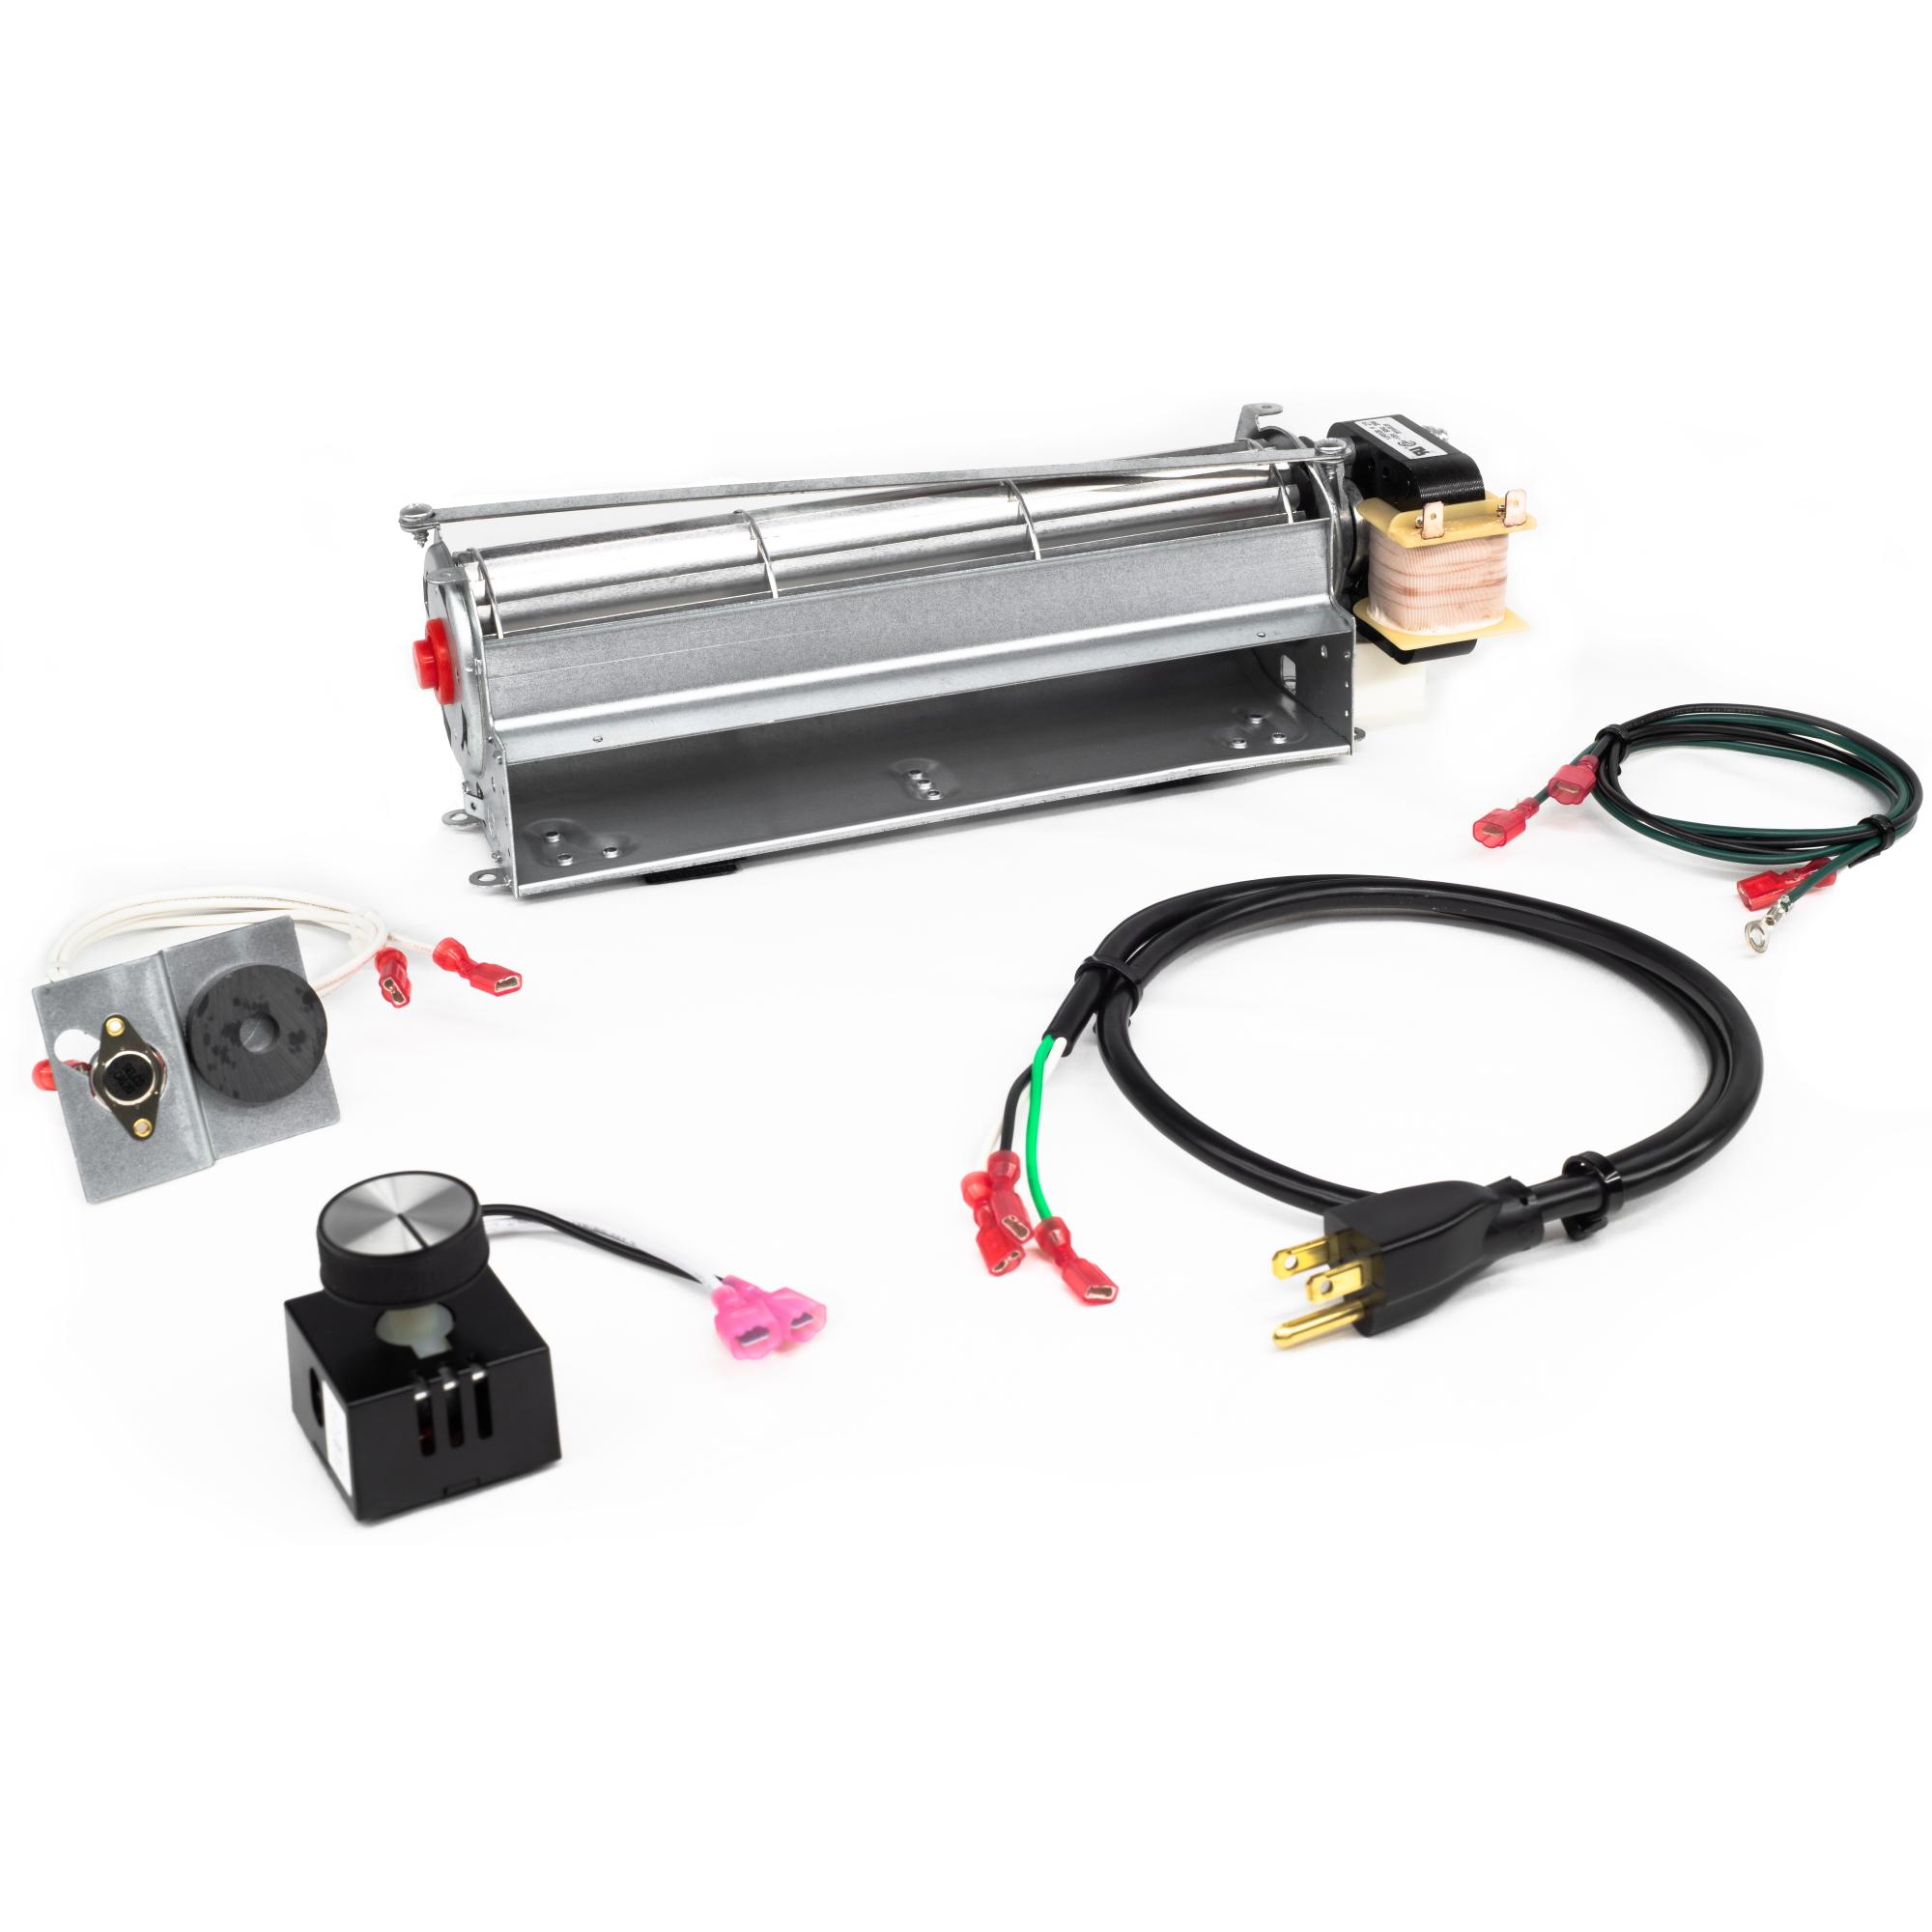 GFK4, GFK4A Fireplace Blower Fan Kit for Heatilator Fireplaces